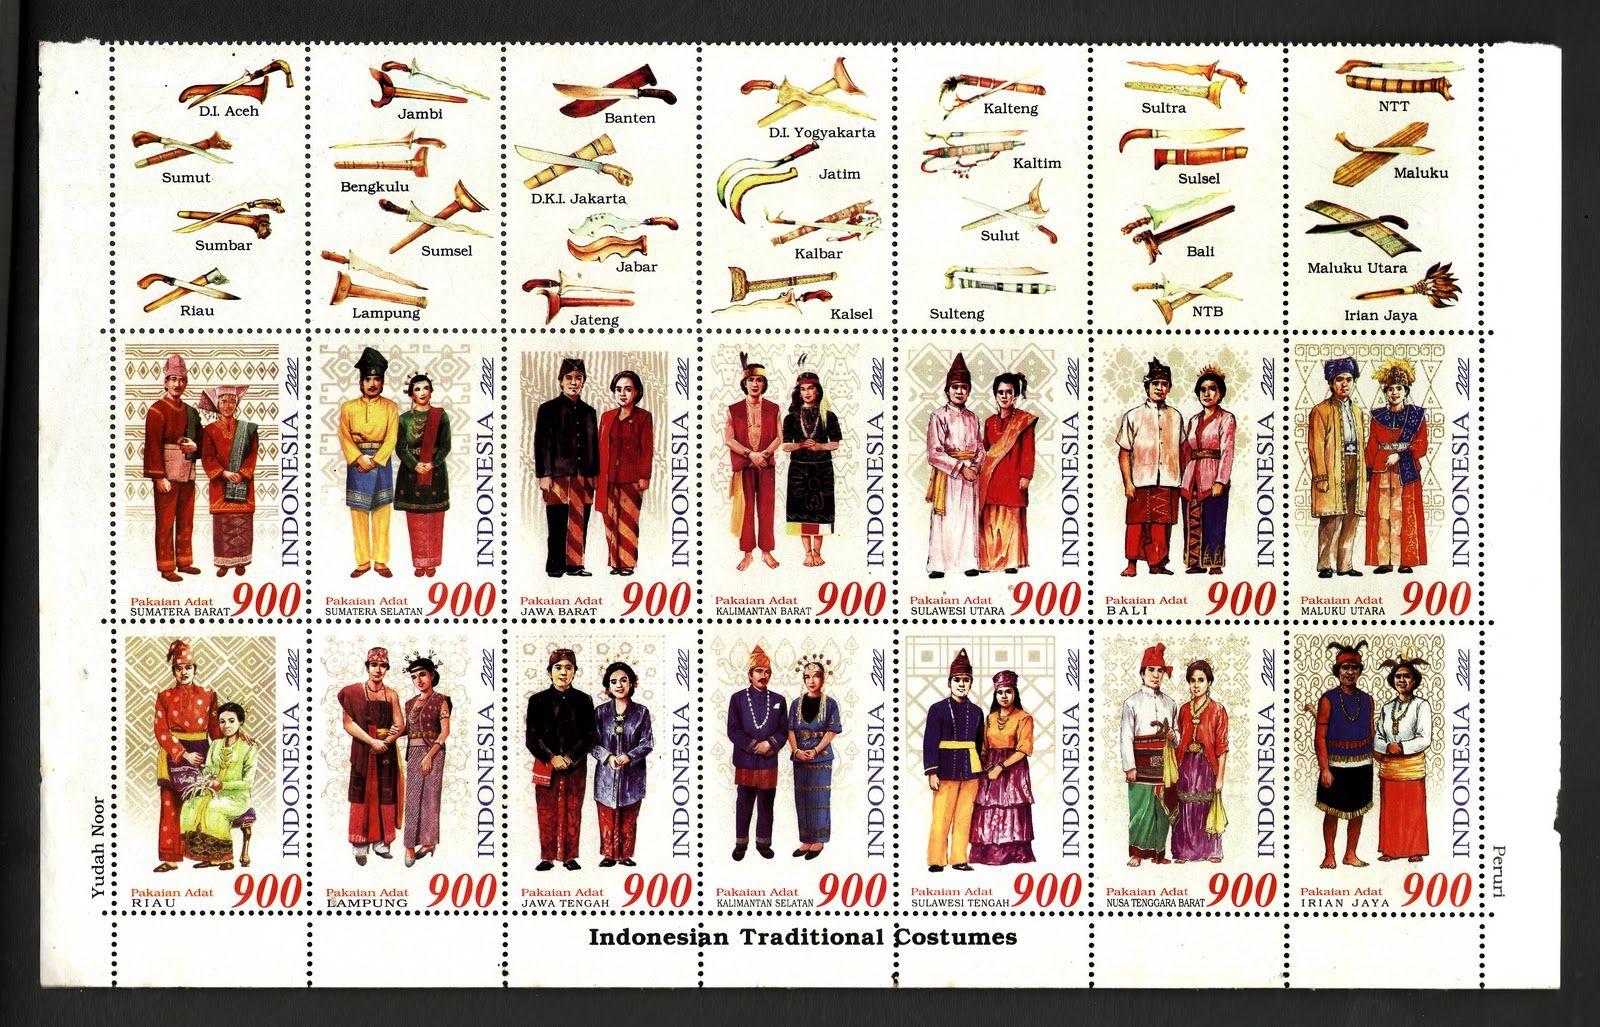 Rumah Adat Pakaian Adat Dan Senjata Tradisional Bali